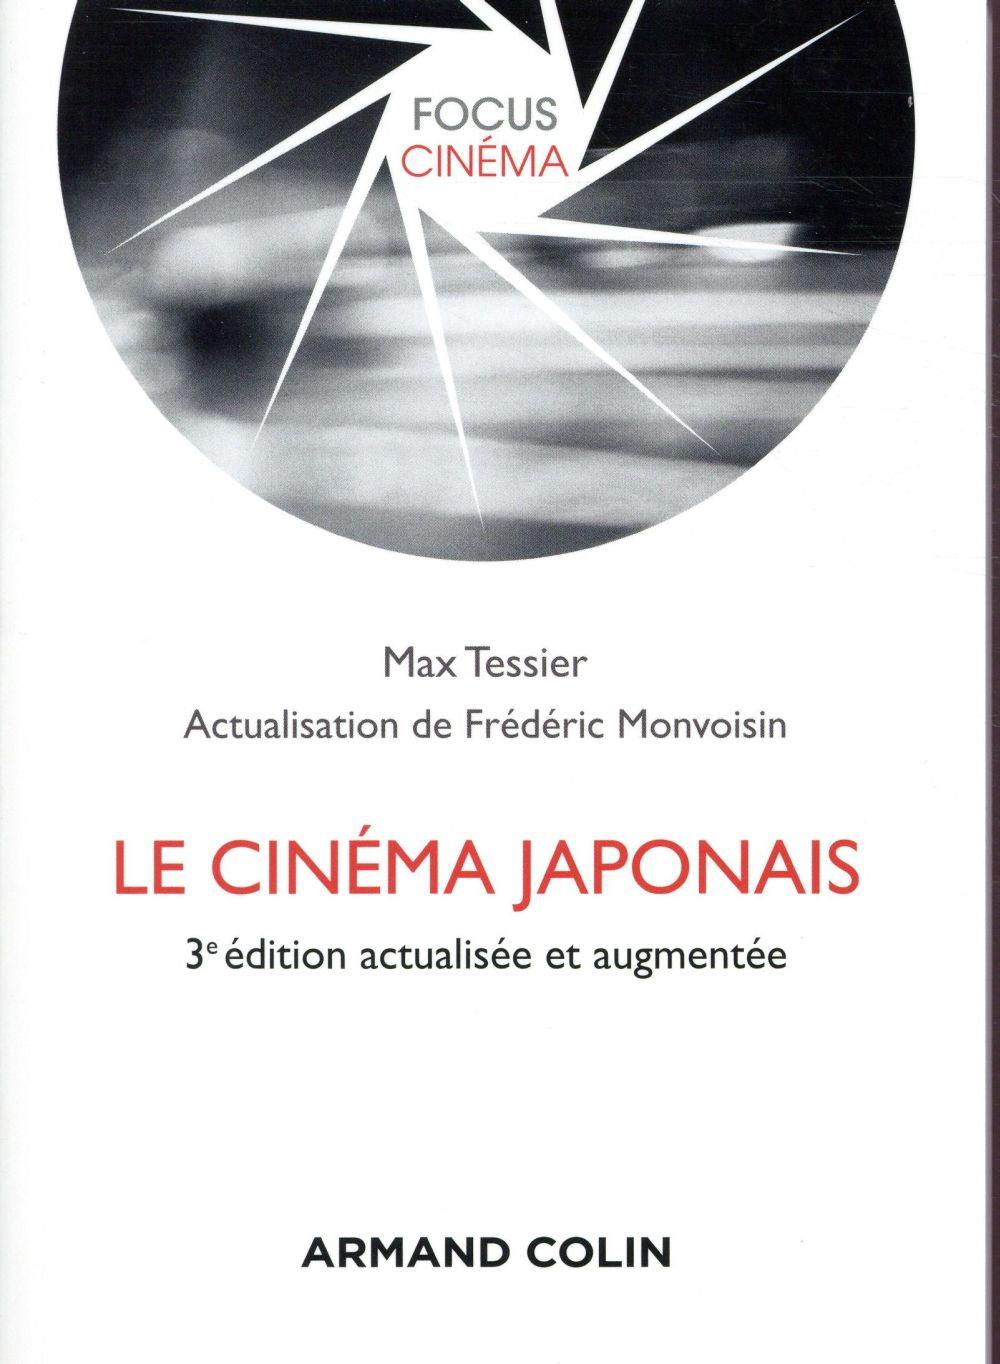 Le cinéma japonais